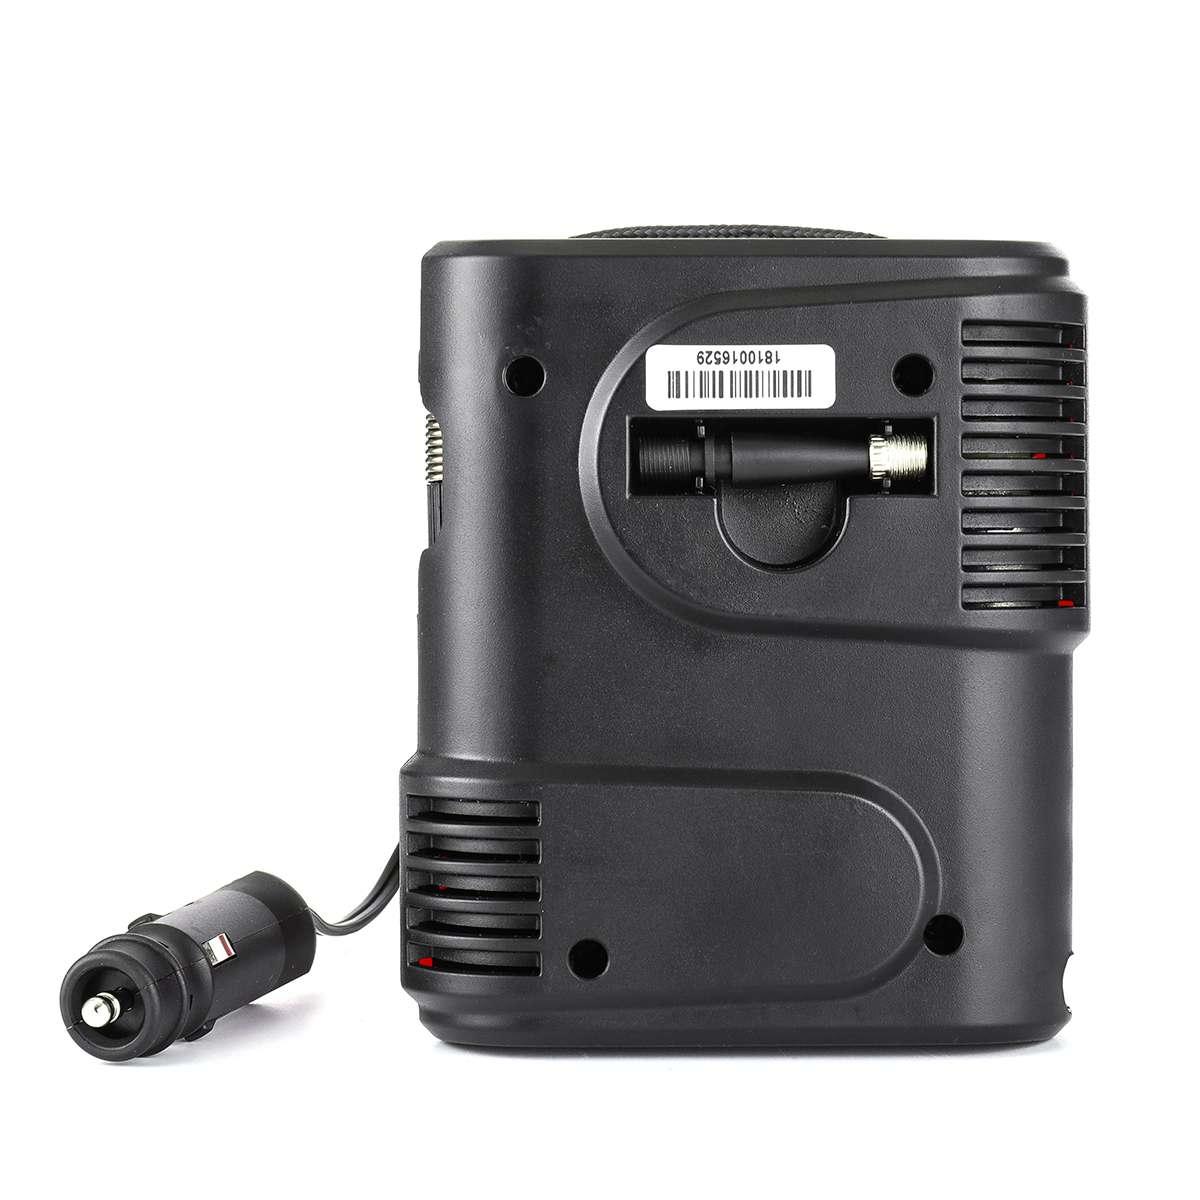 Image 4 - DC12V 100PSI автомобильный воздушный компрессор, надувной насос на выходе, компактный портативный автомобильный насос для шин, насос для автомобильных велосипедов, мотоциклов-in Воздушный насос from Автомобили и мотоциклы